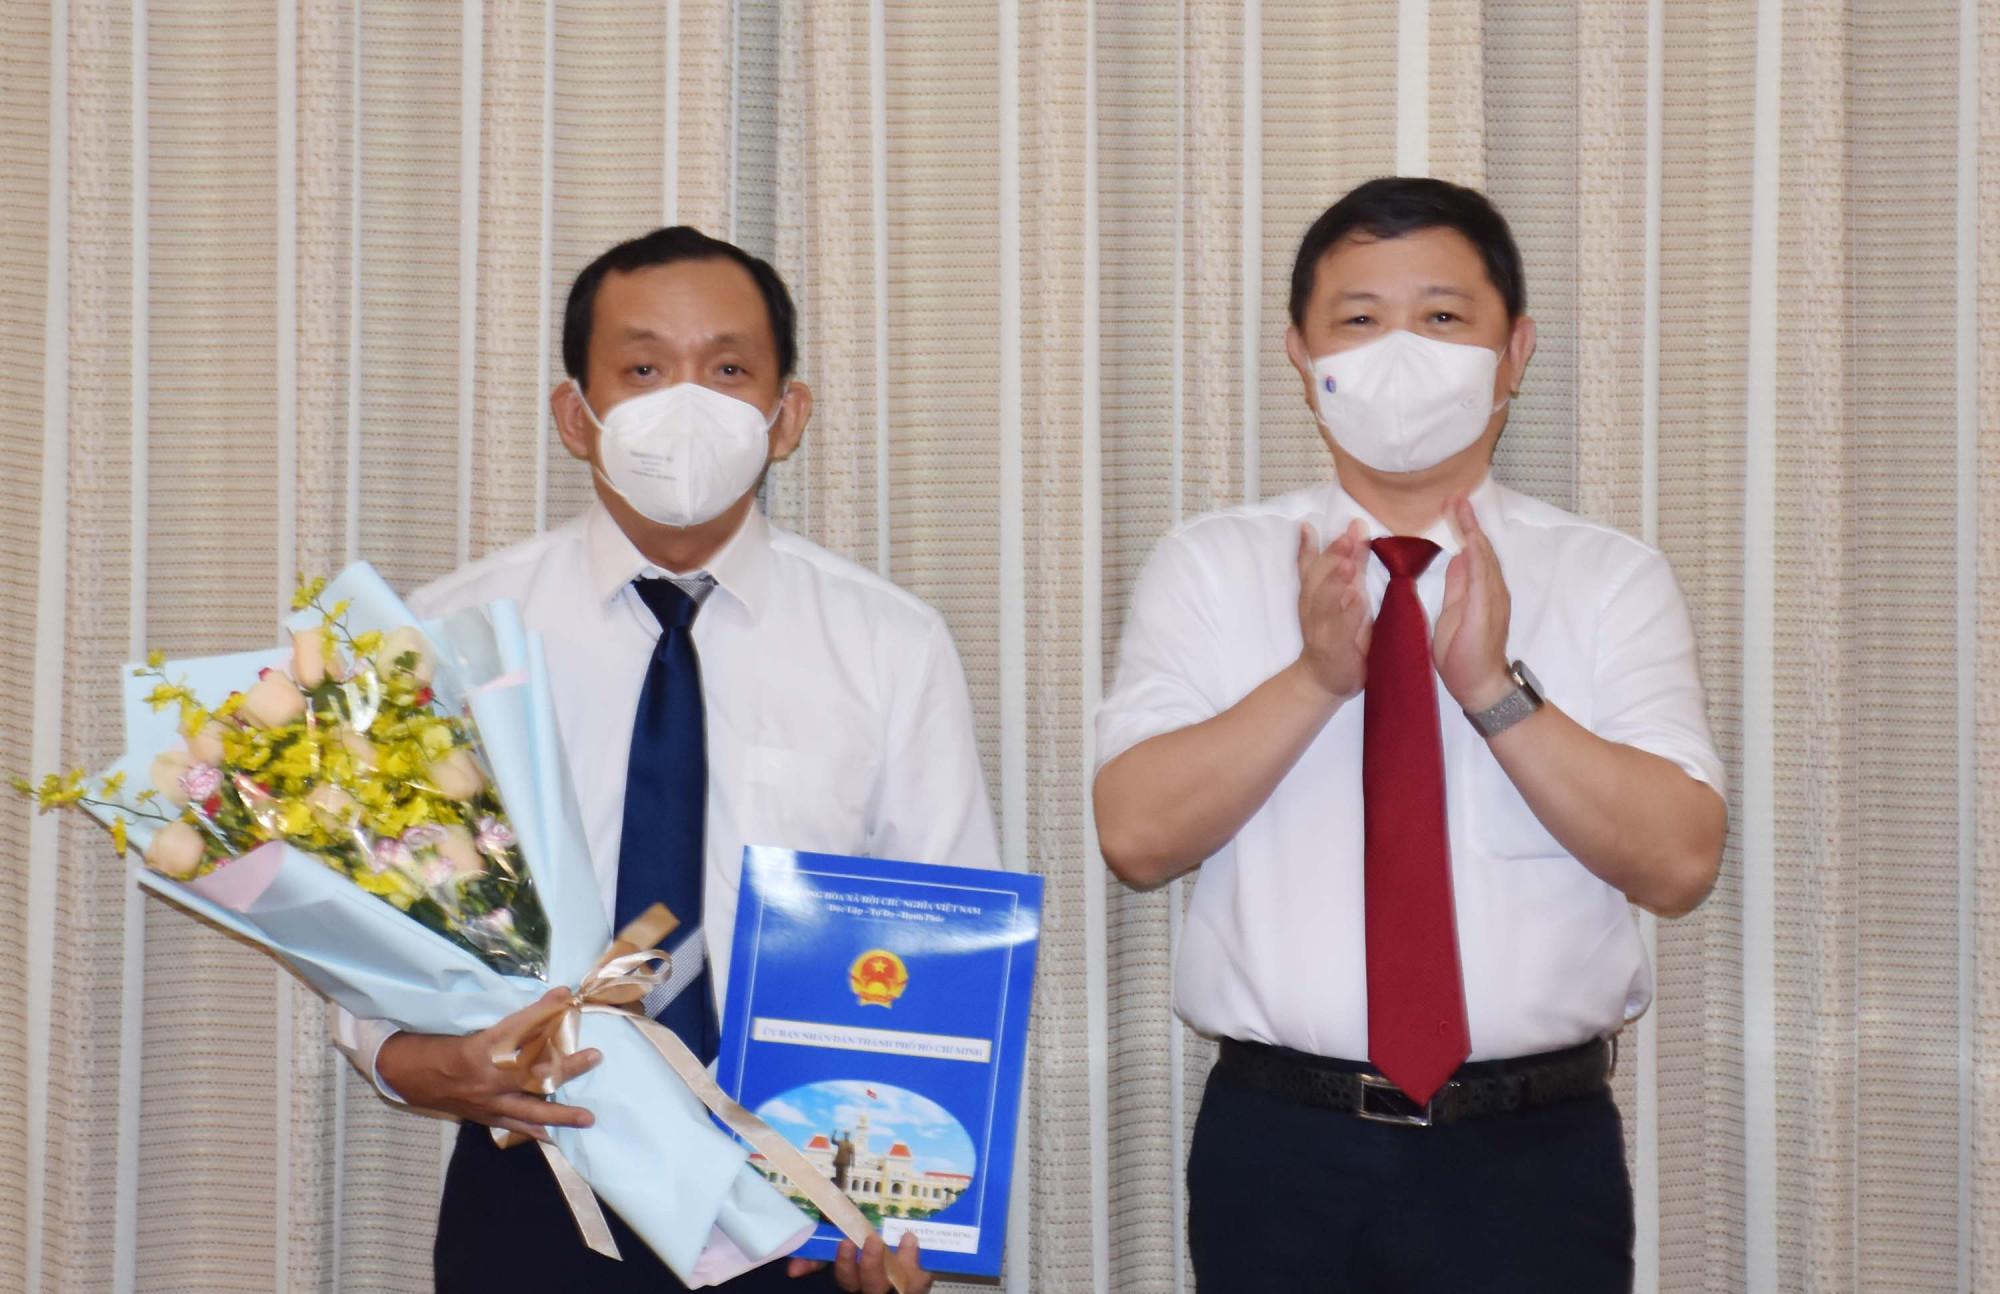 Phó chủ tịch UBND TPHCM Dương Anh Đức chúc mừng ông Nguyễn Anh Dũng